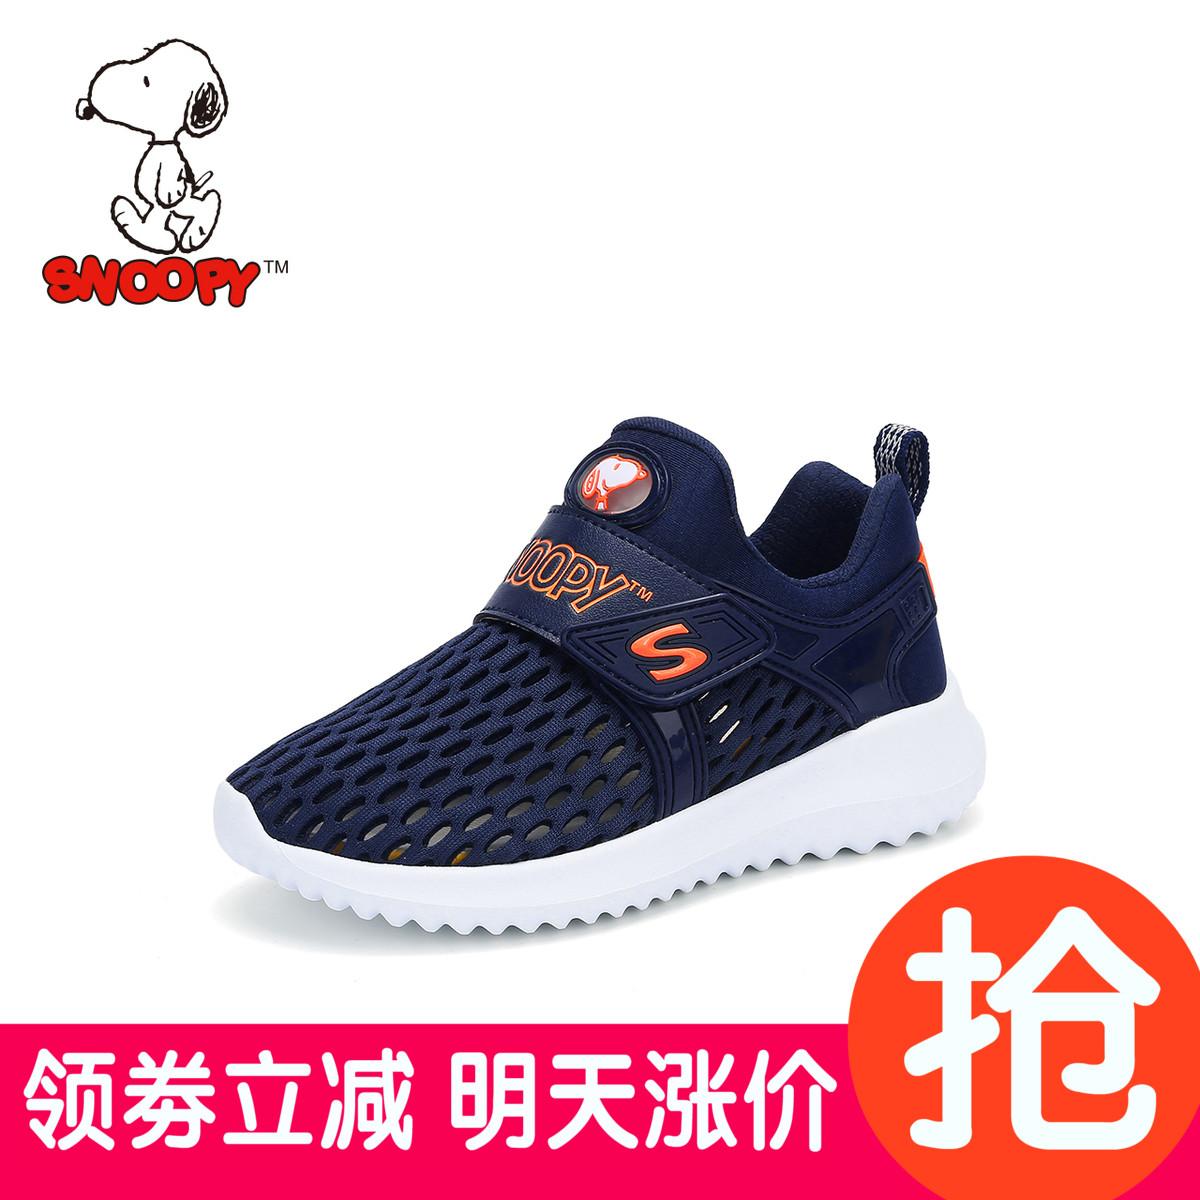 史努比童鞋男童运动鞋2019春夏季小学生休闲单网鞋儿童透气跑步鞋